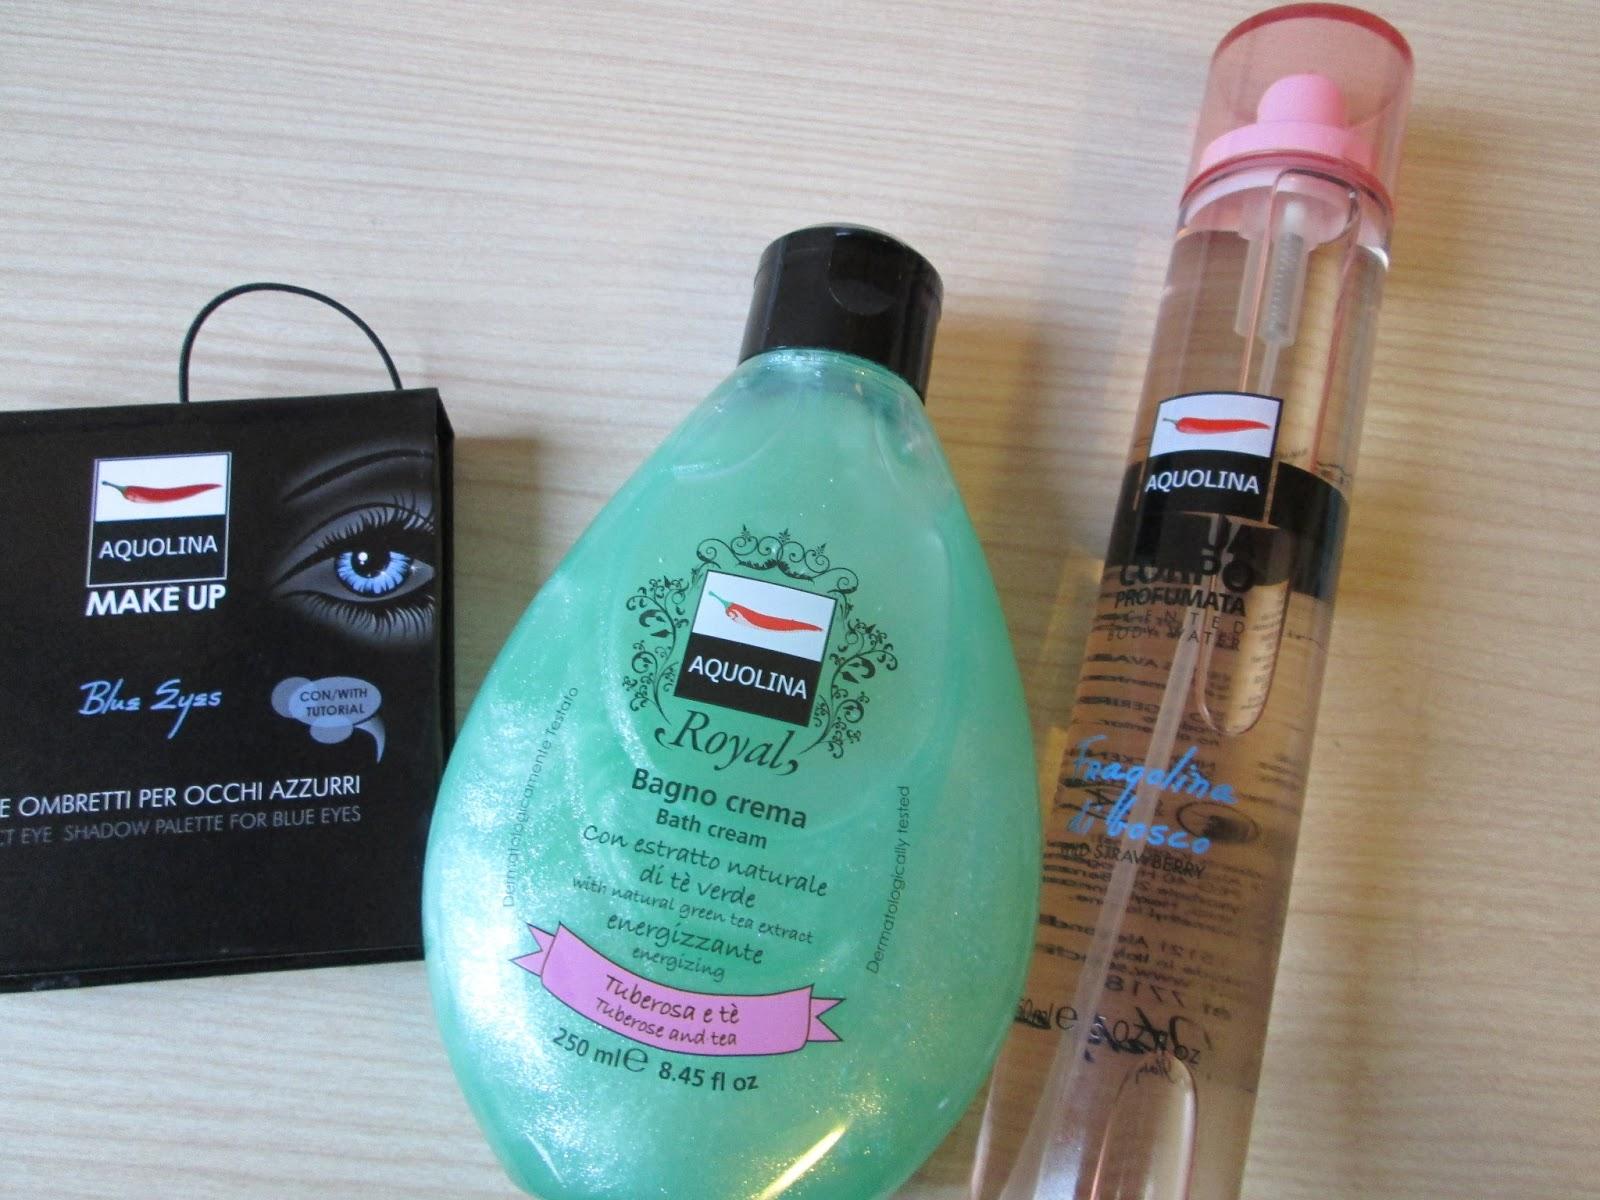 Bagno Doccia Crema Aquolina : Aquolina presentazione nuovi prodotti